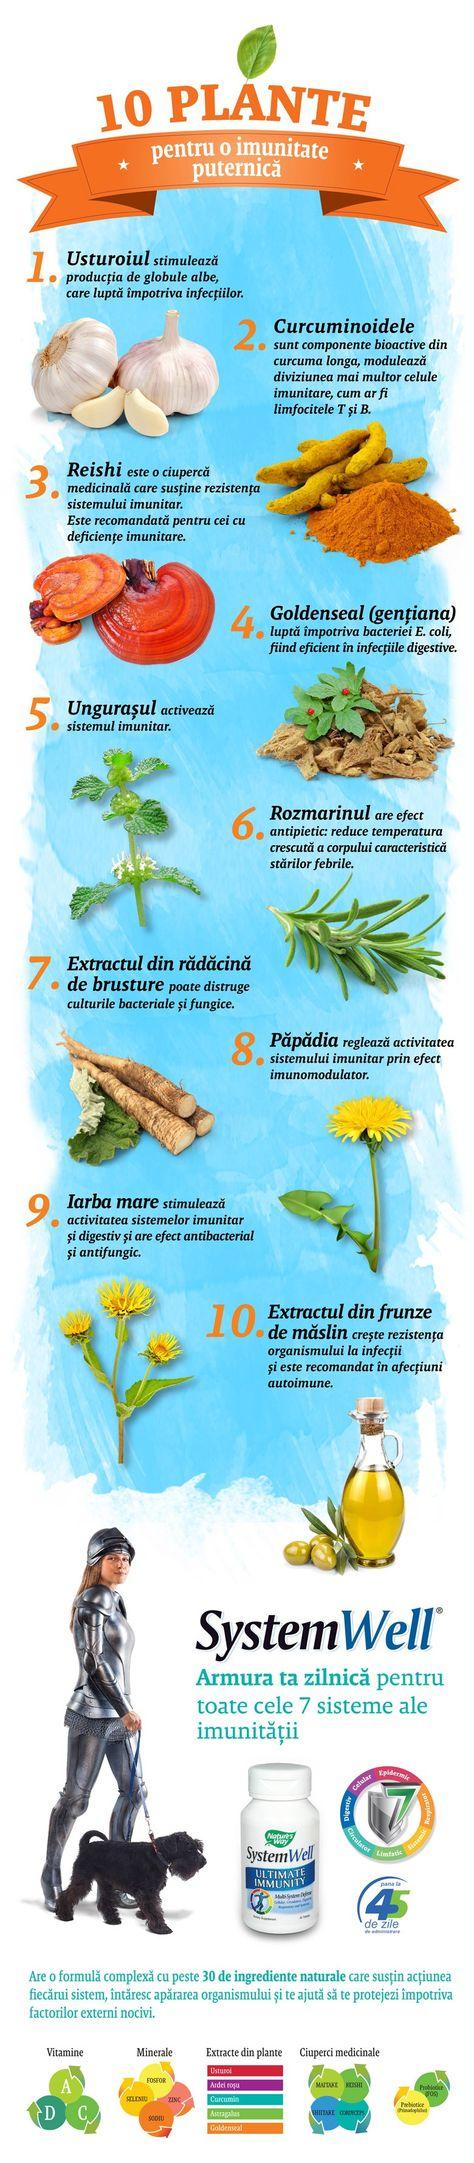 plante medicinale pentru tratarea oaselor și articulațiilor